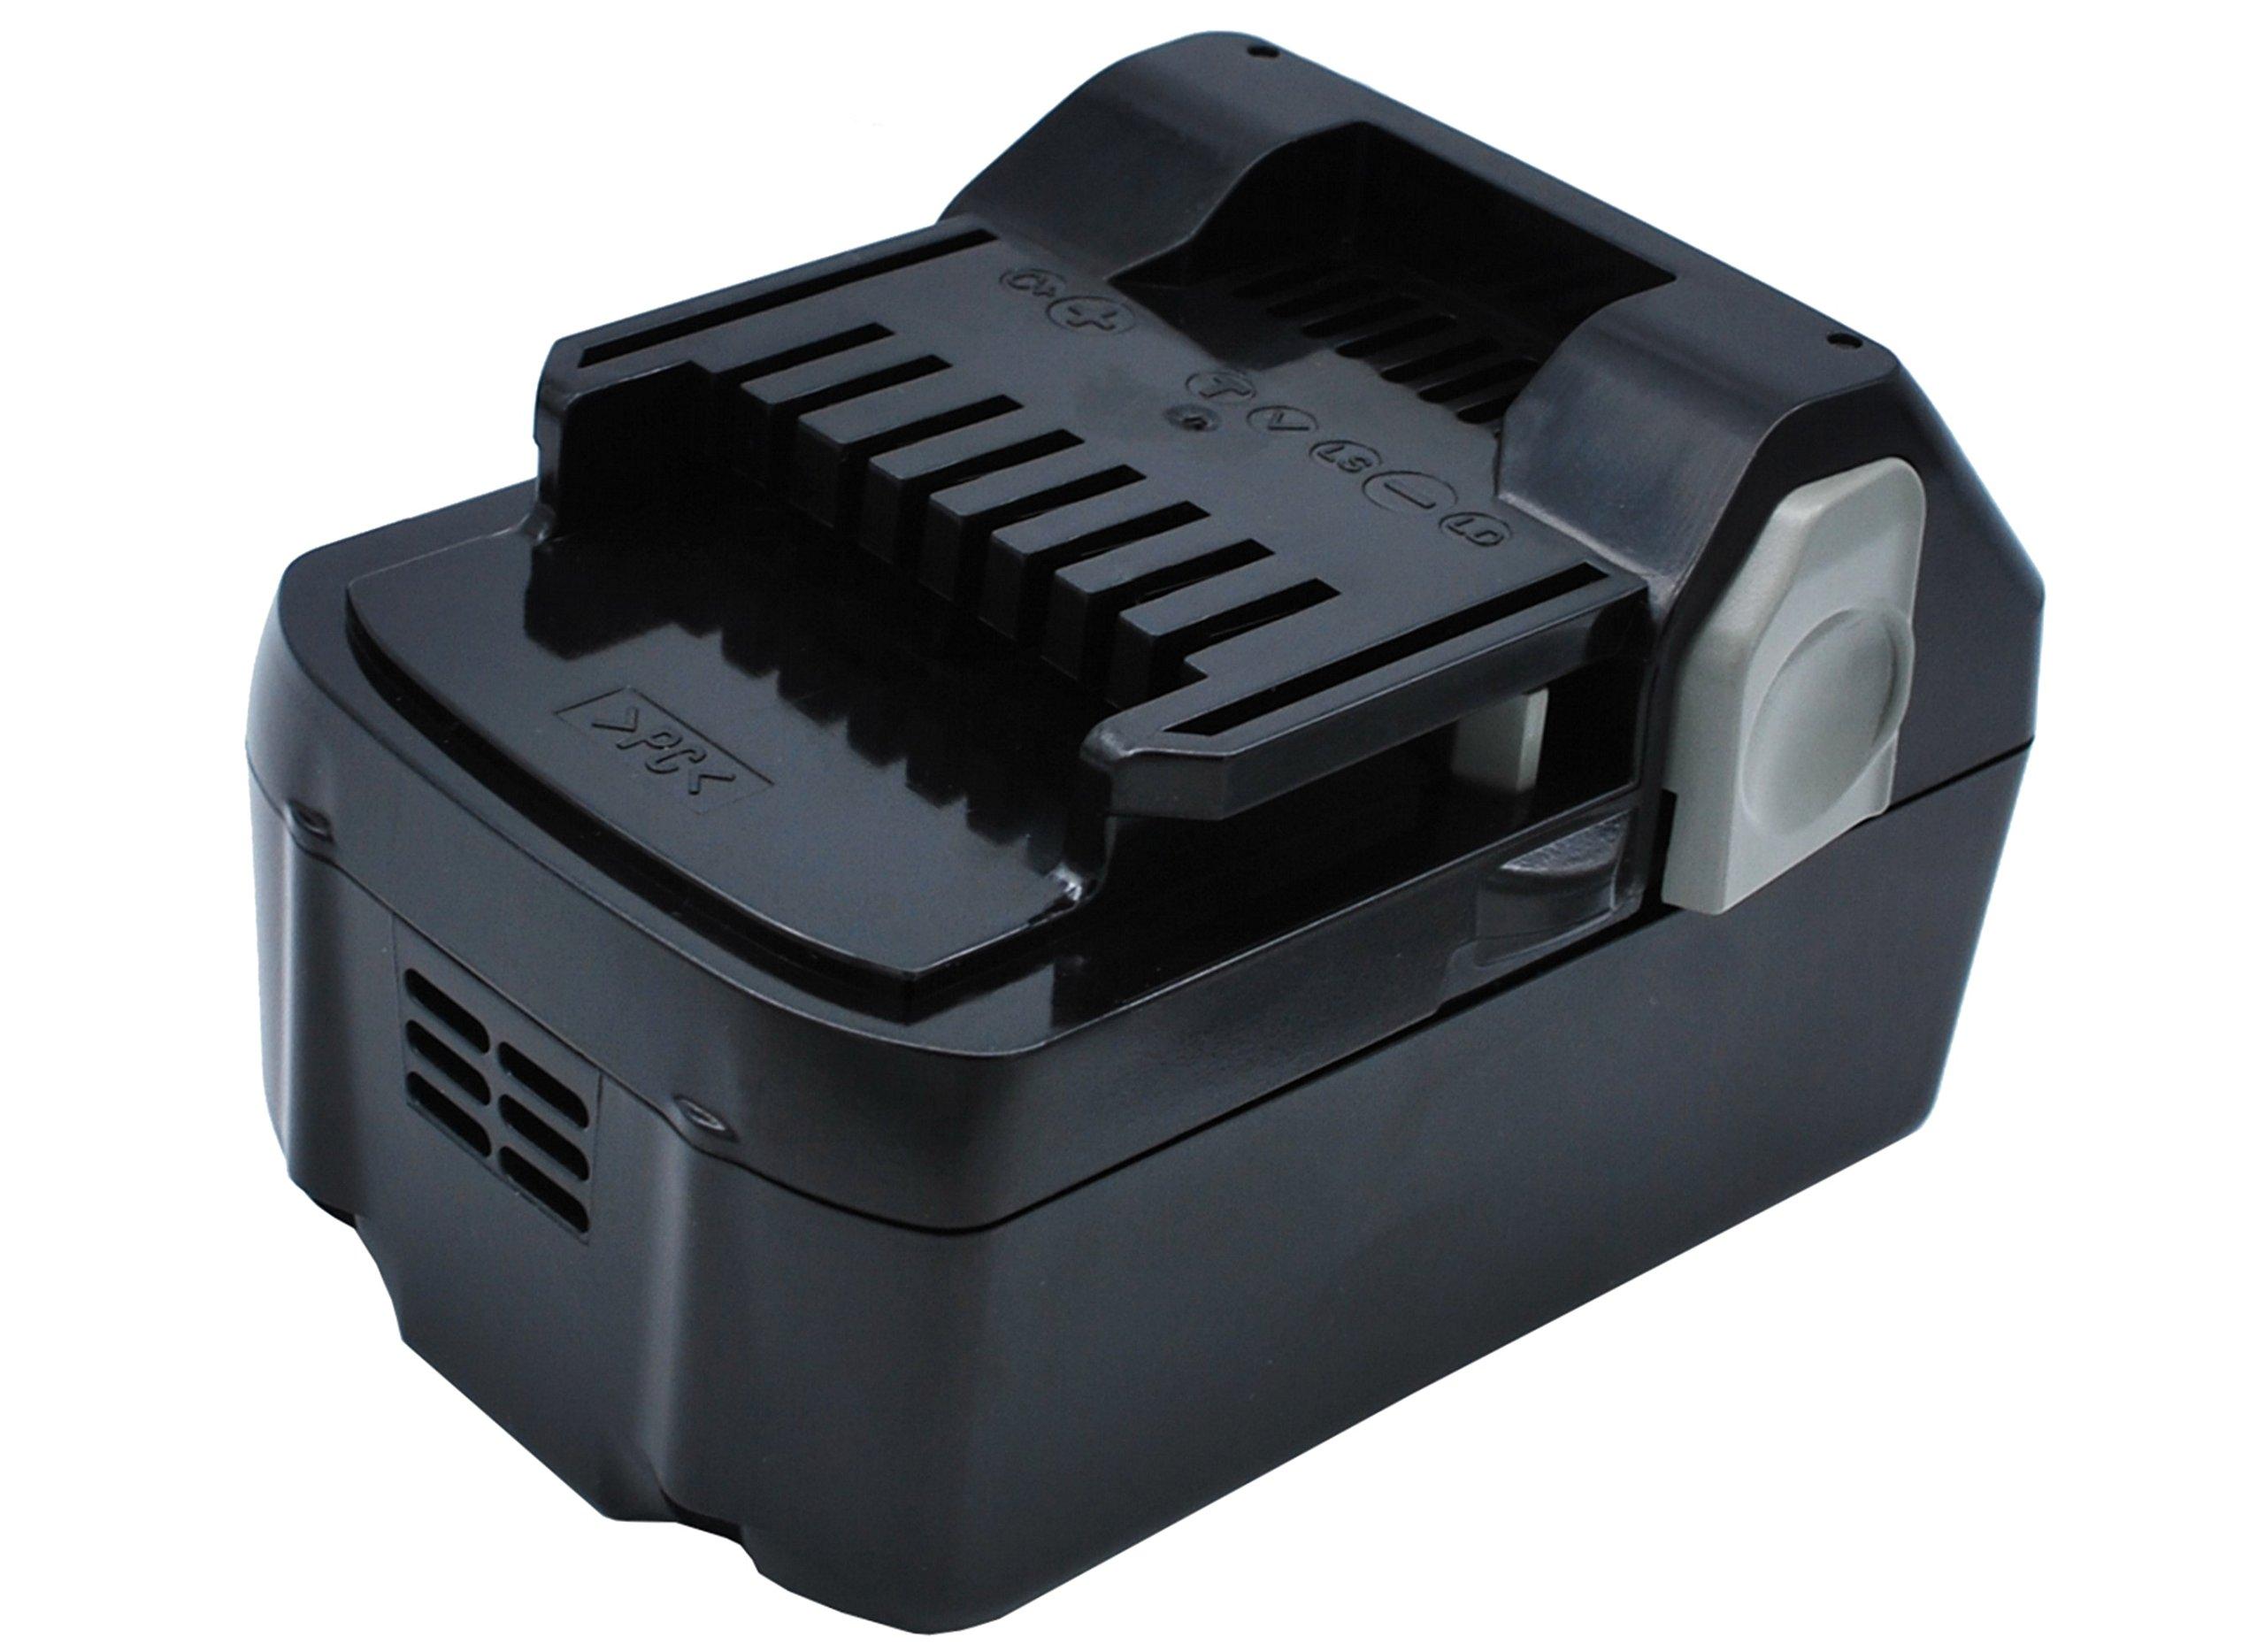 XPS Replacement Battery for HITACHI 18DL C 18DSL C 18DSL2 CJ 18DSL CR 18DSL DH 18DSL DS 18DBL DS 18DSAL DV 18DBL FCG